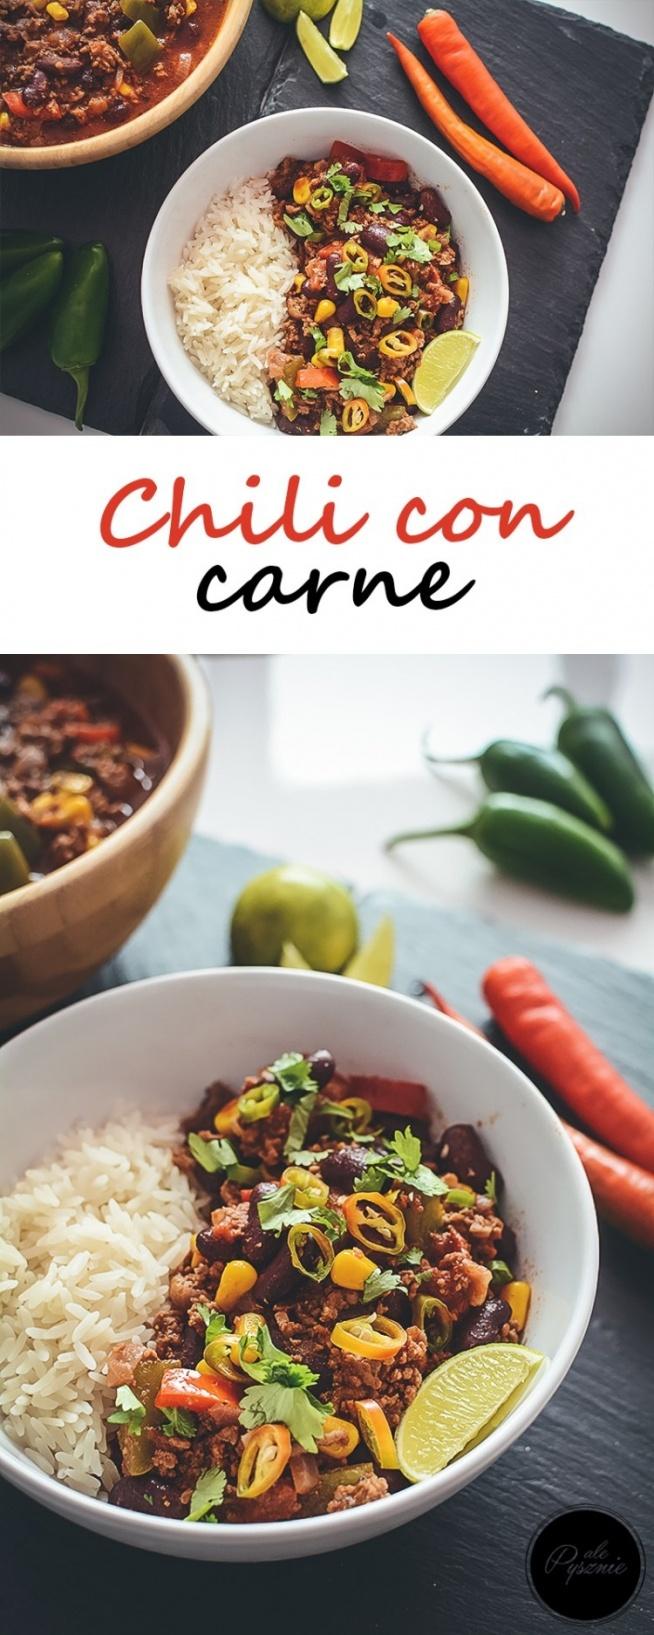 Chili con carne. Kliknij w zdjęcie i zobacz przepis.